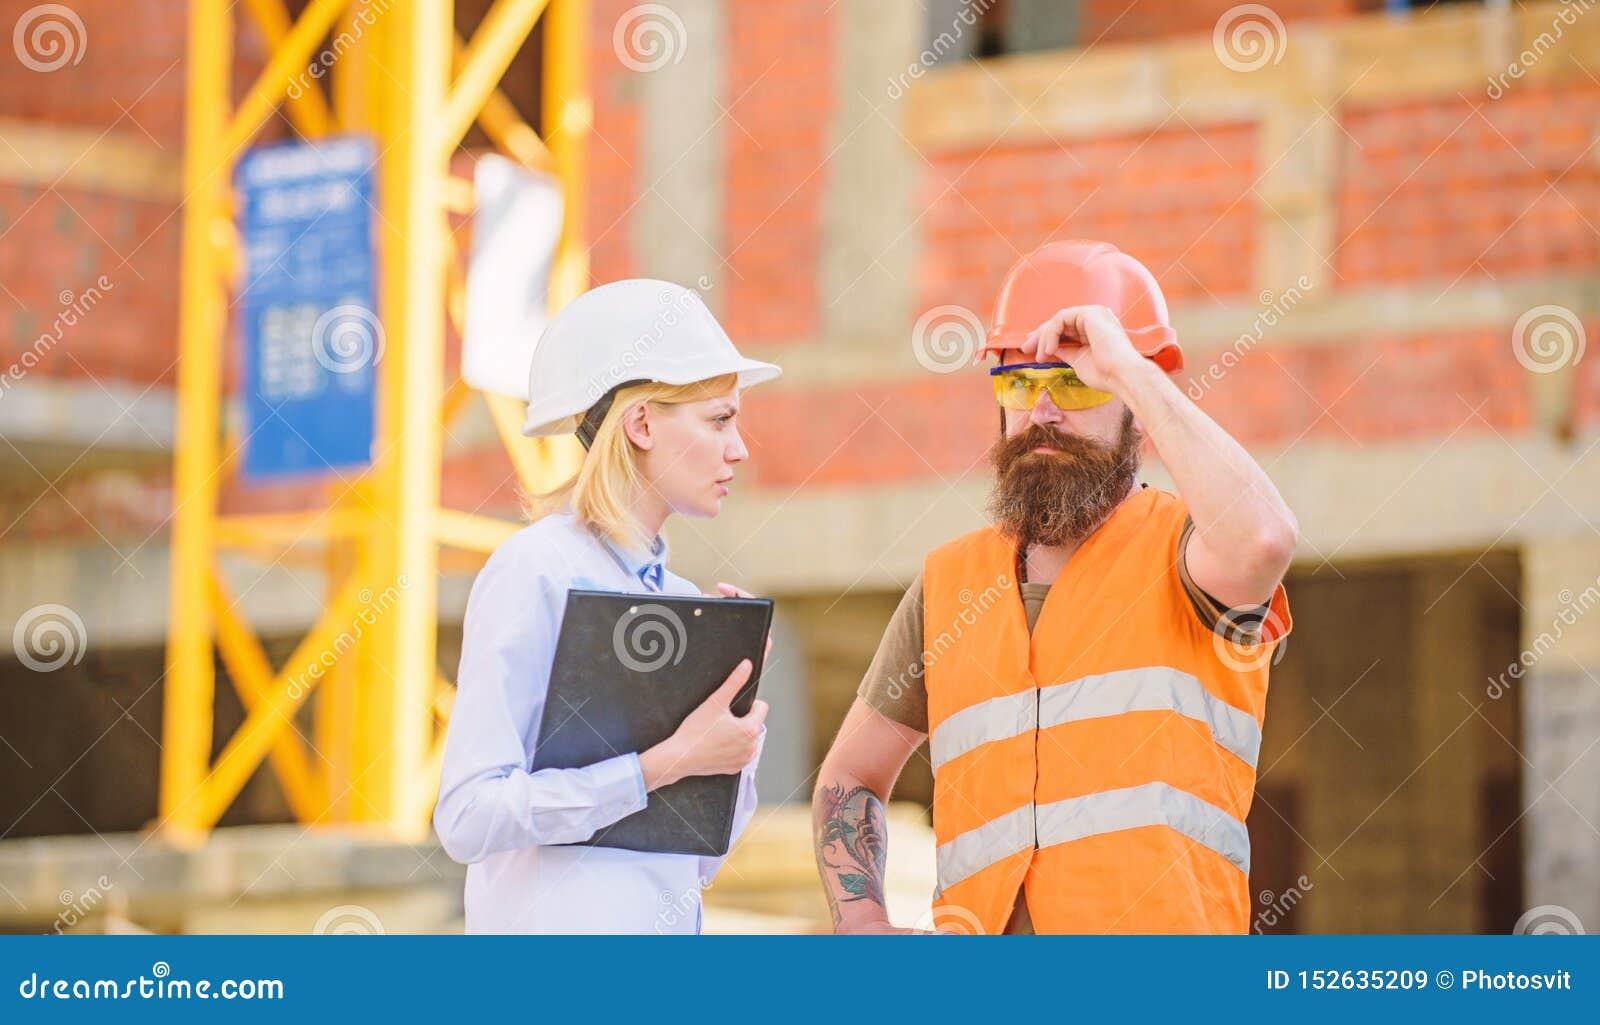 Bouwproject het inspecteren Bouwinspectie, correcties en boetes Bespreek vooruitgangsproject Veiligheid